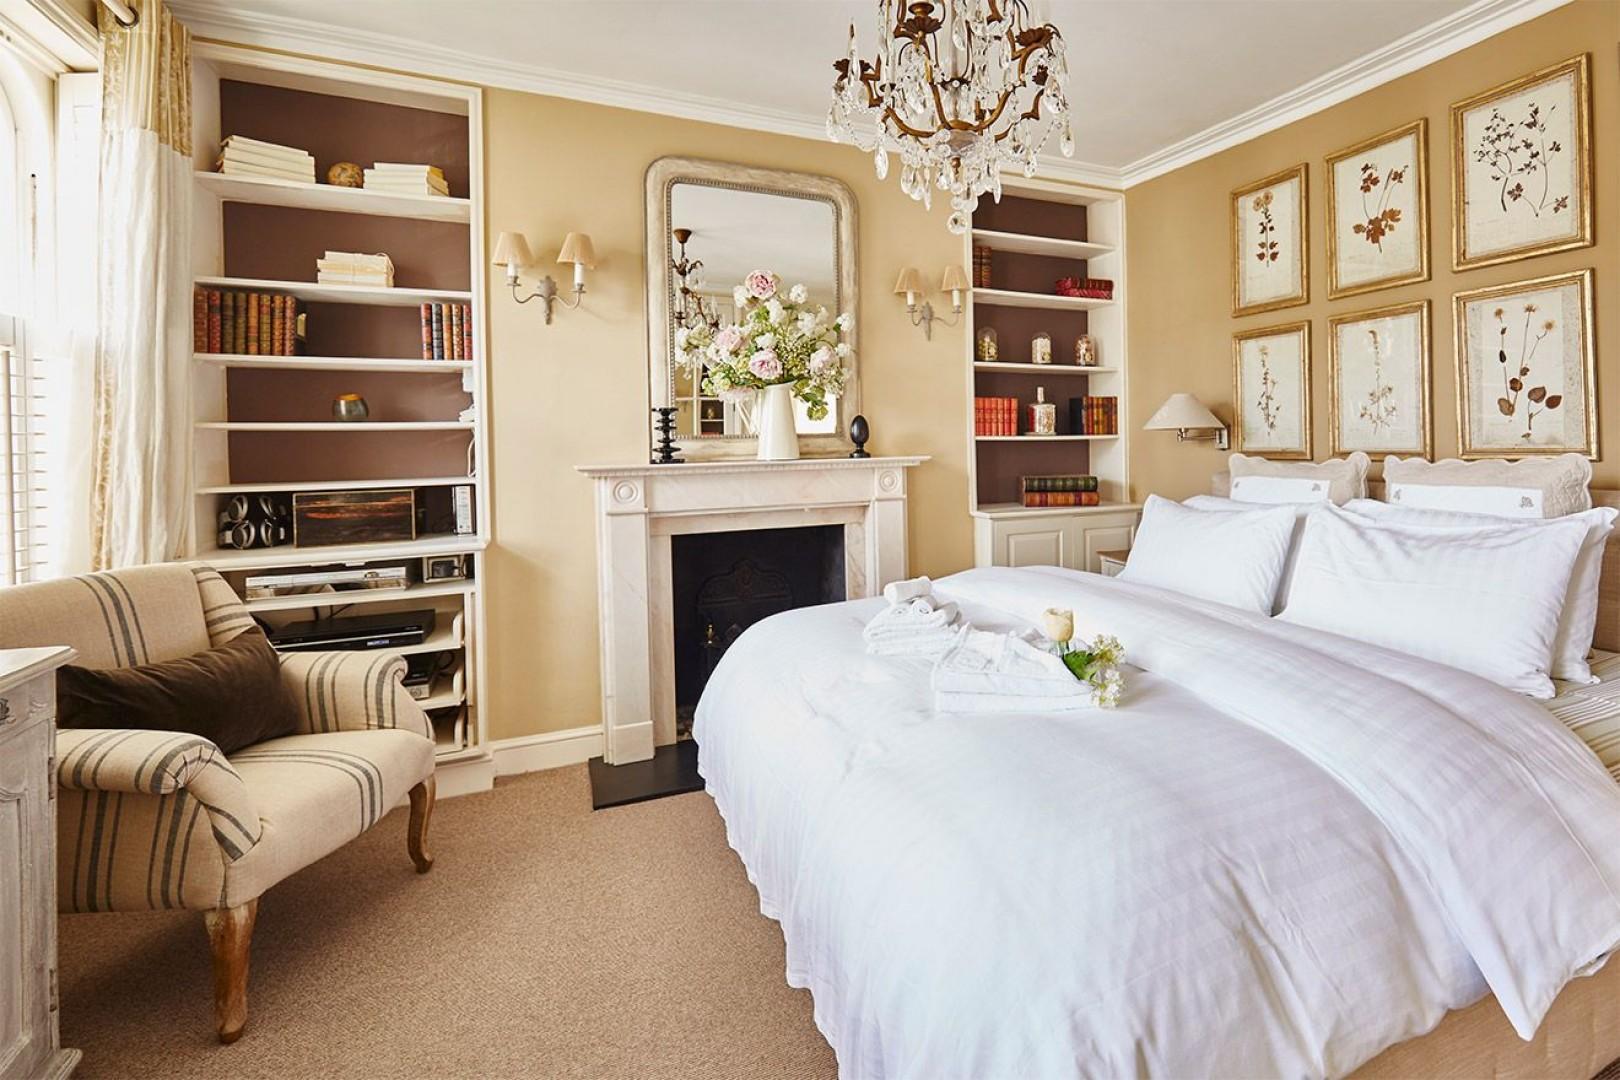 Sumptuous first bedroom with en suite bathroom